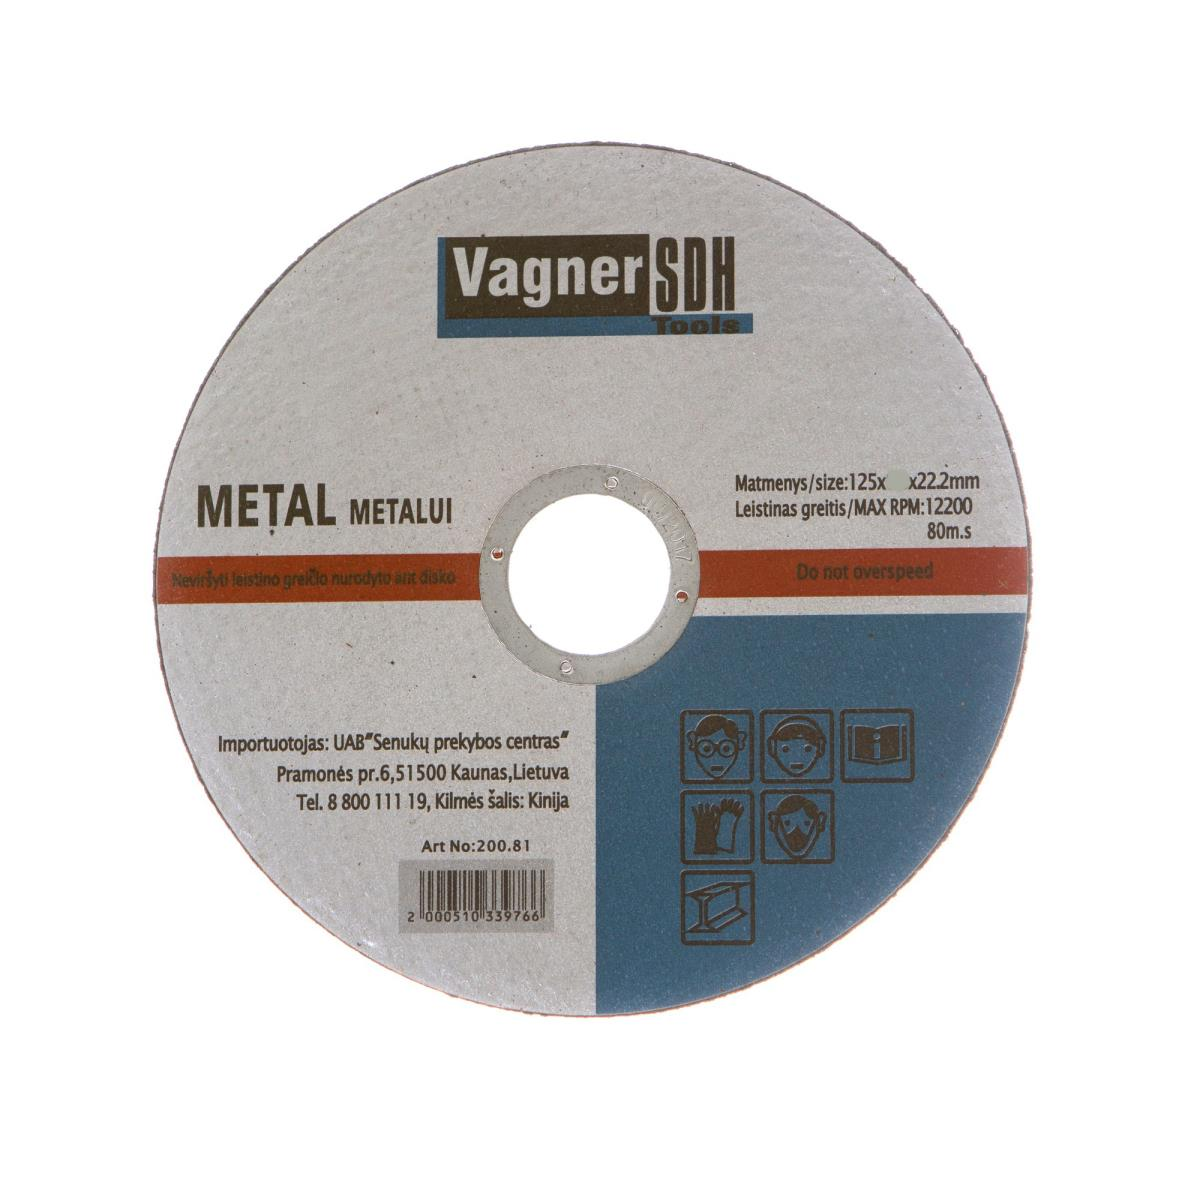 Trennscheiben 10 Stk. ø125 x 1,2mm für Metall Stahl Flexscheiben,Vagner SDH,2100510349267, 2100510349267